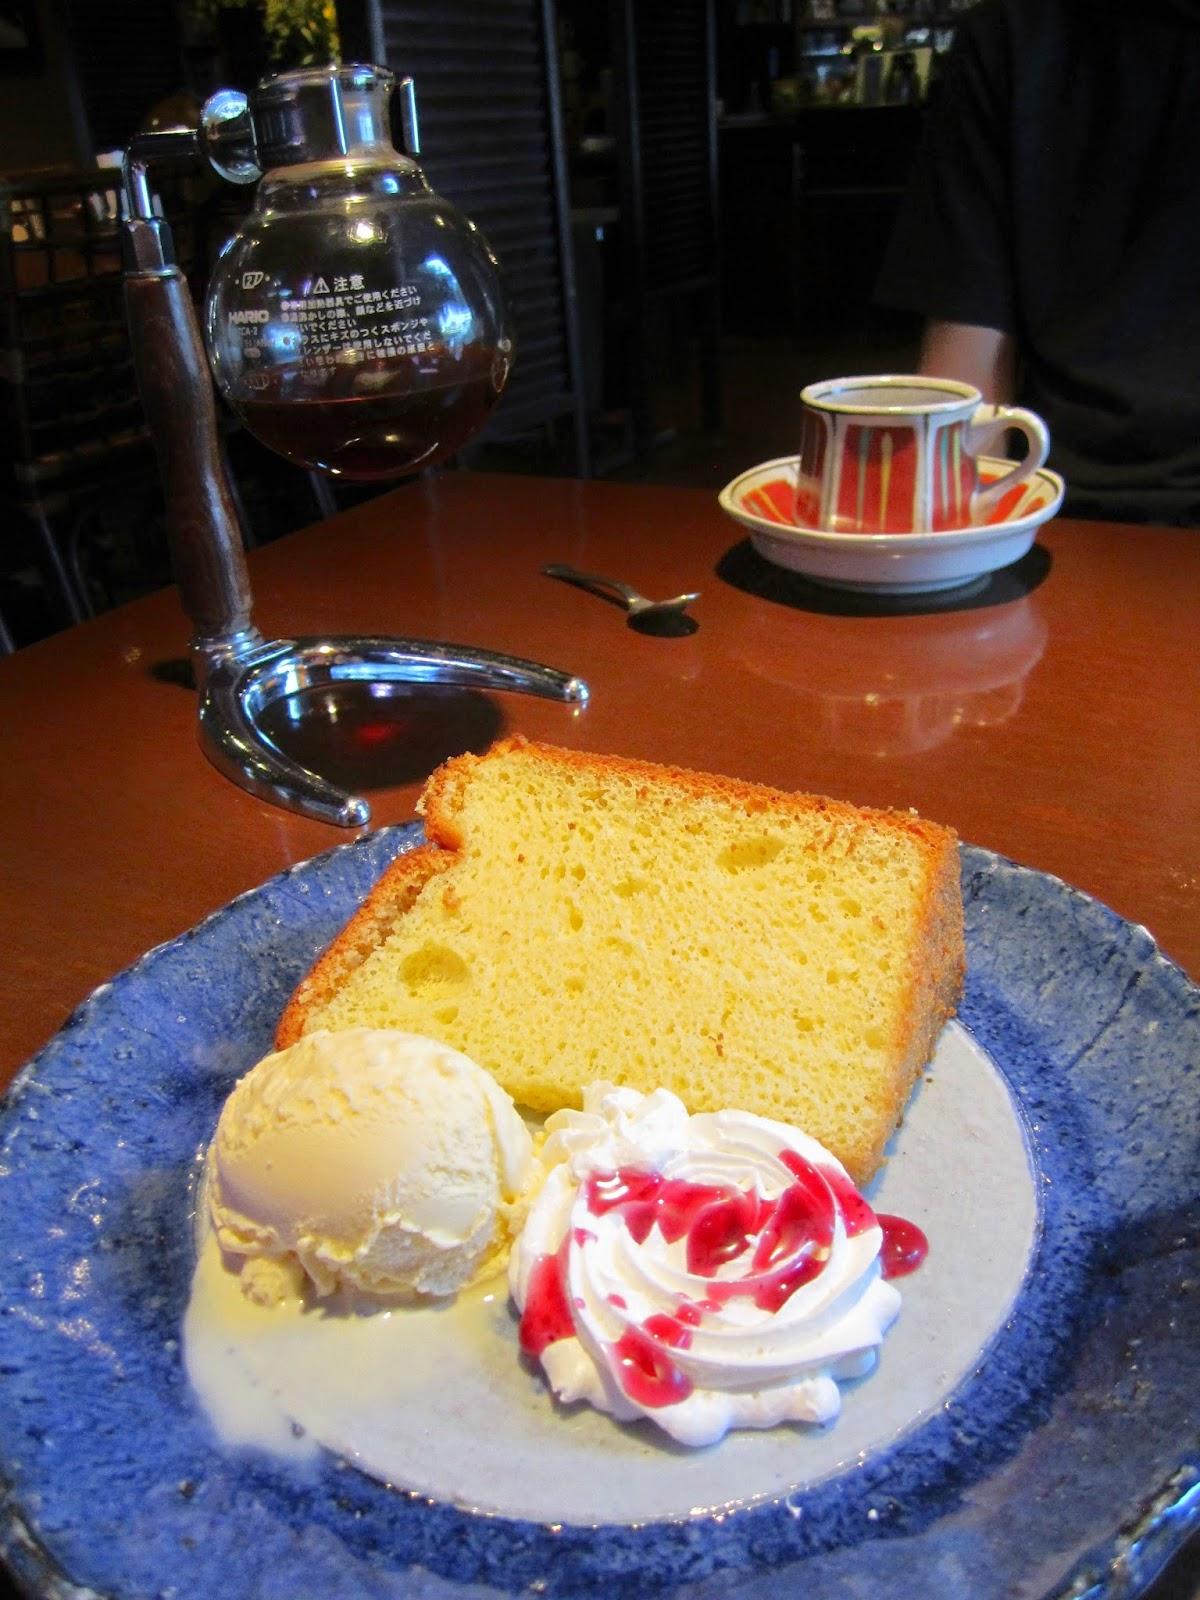 Daily Cake Set Isshin 本日のケーキセット イッシン